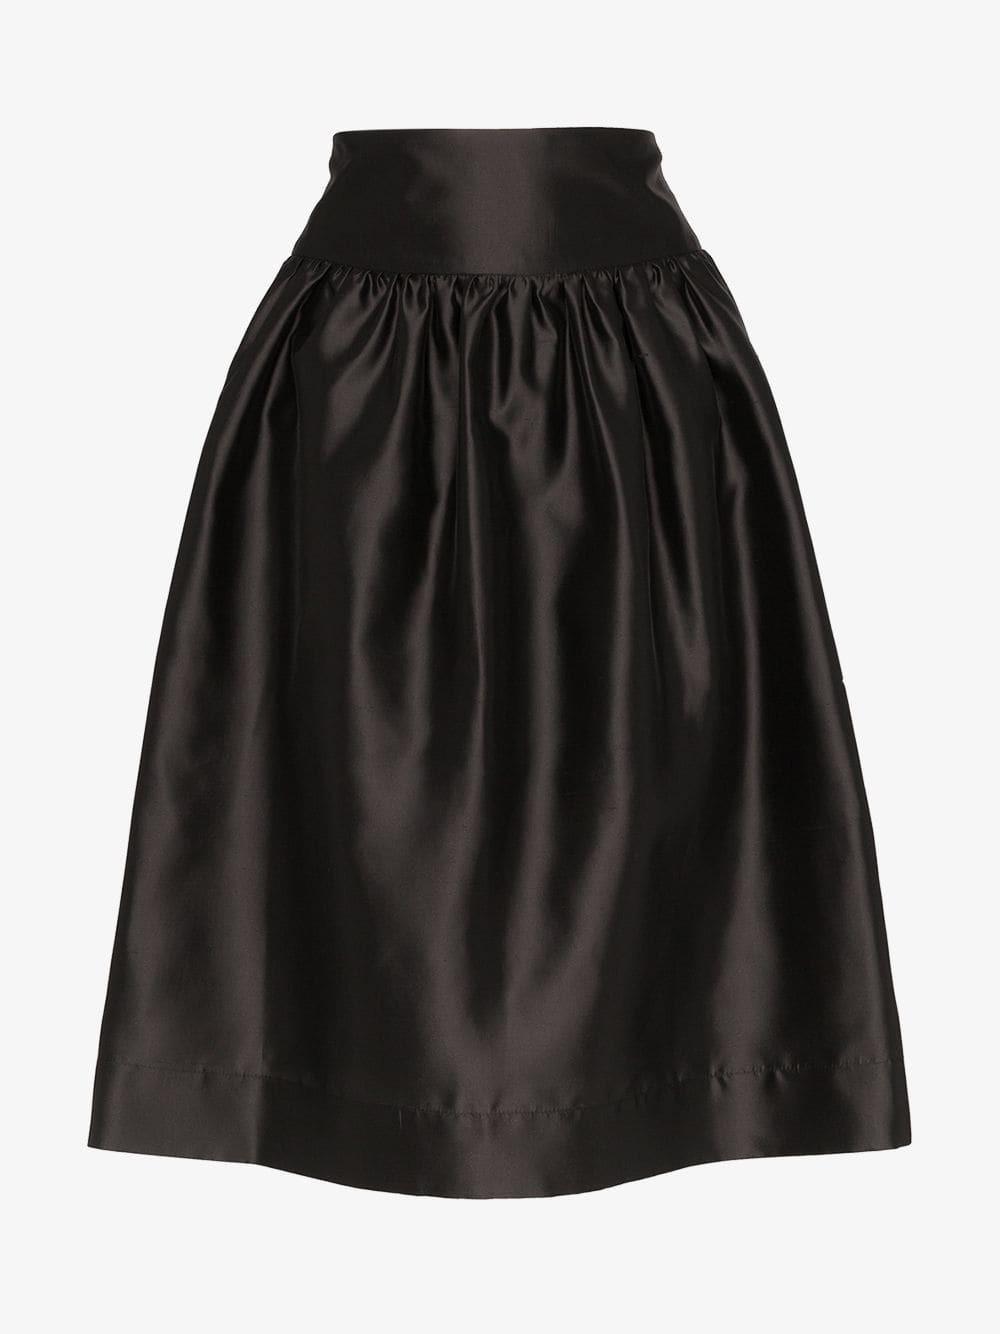 Deitas Shima silk knee-length voluminous skirt in black